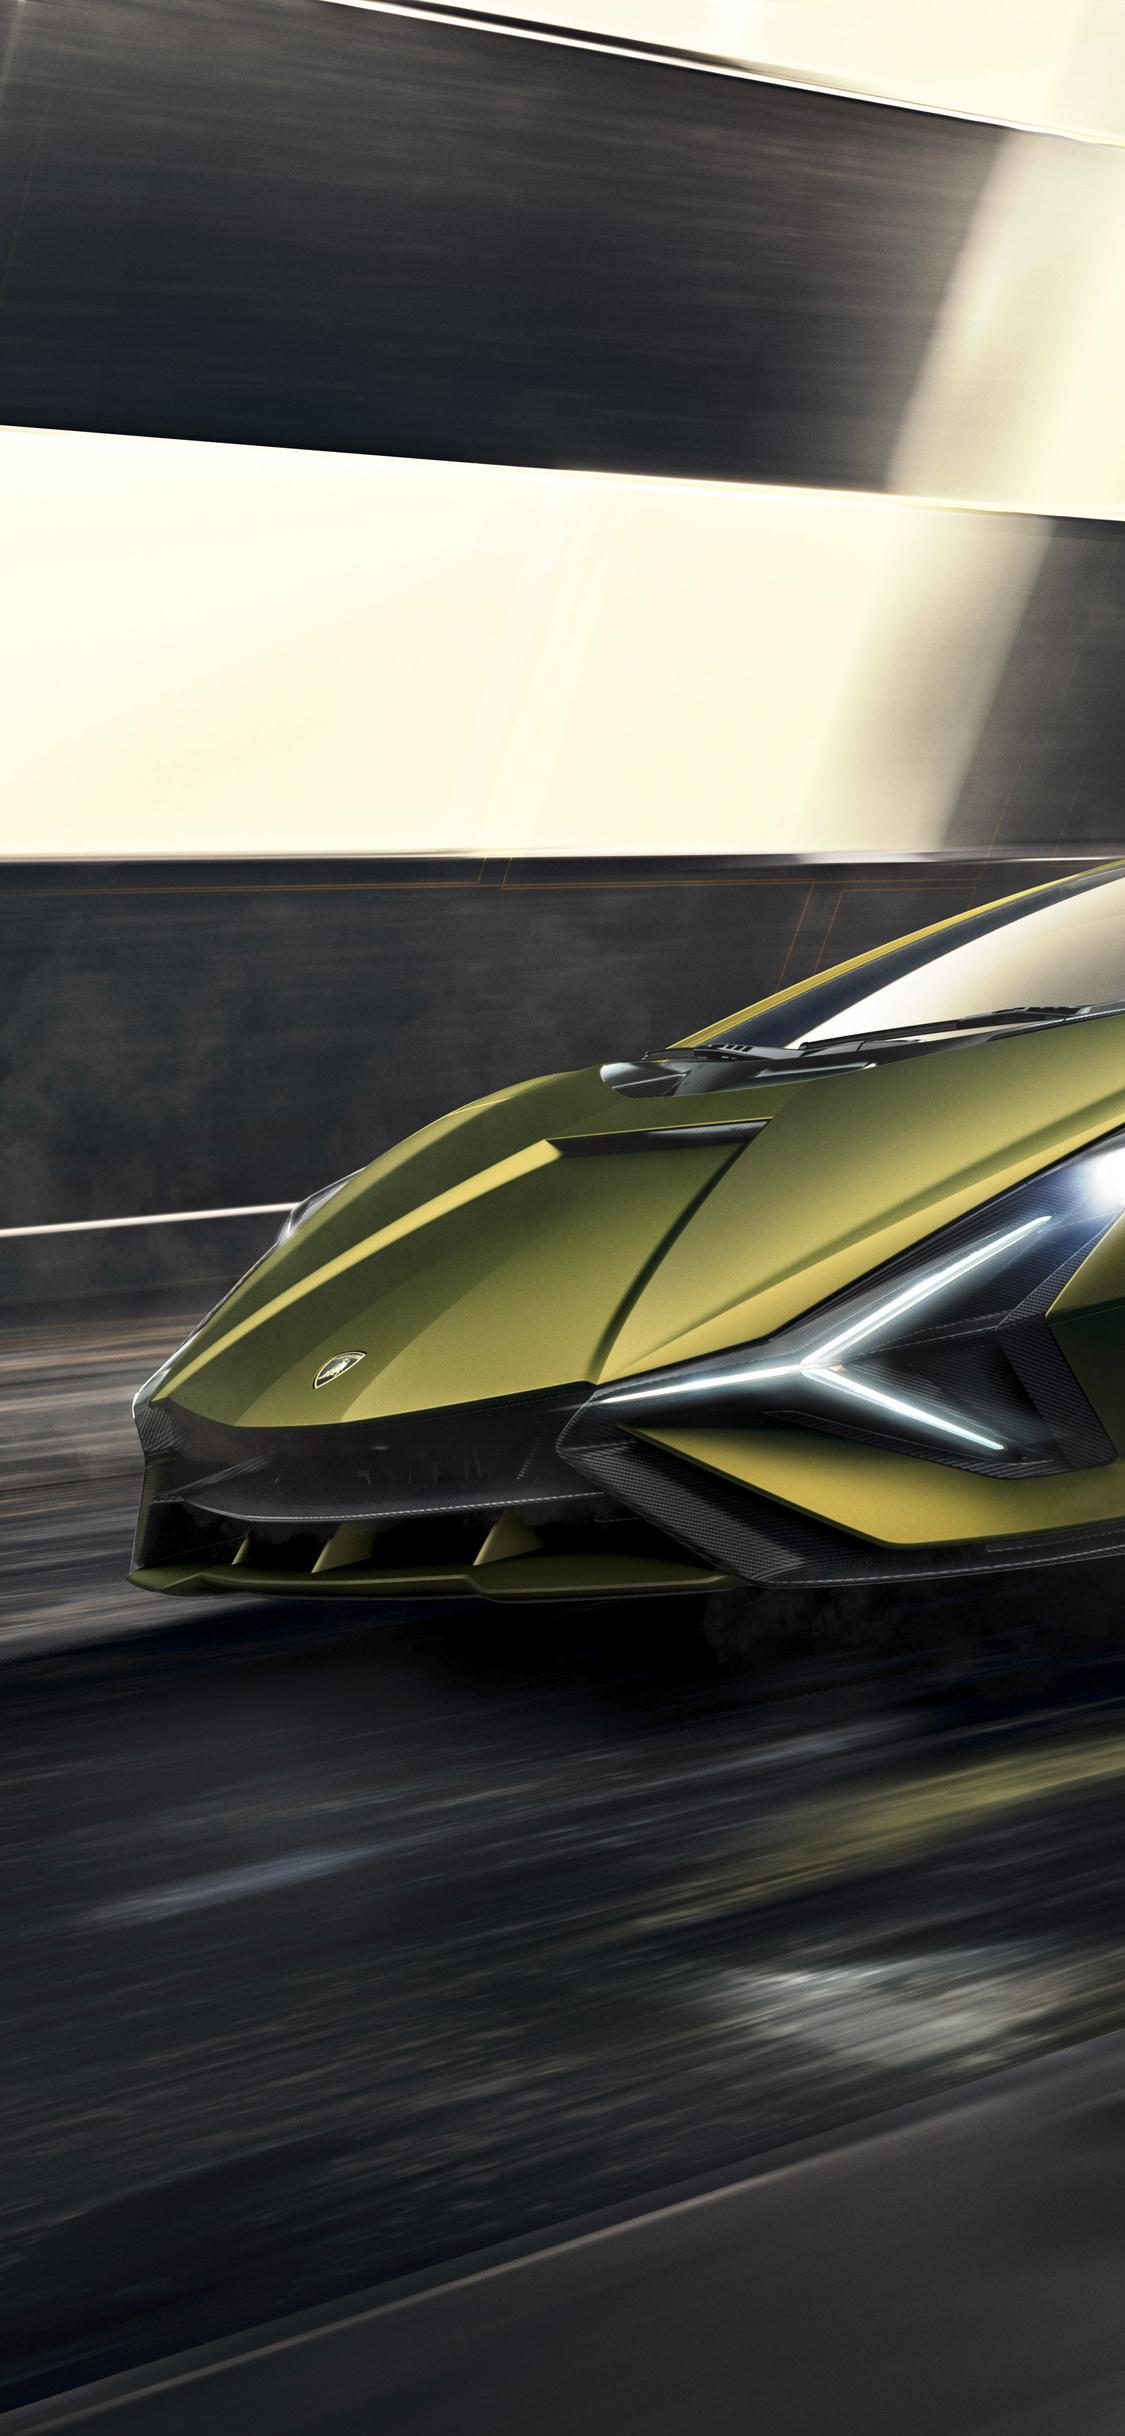 1125x2436 2019 Lamborghini Sian 8k Iphone XS,Iphone 10